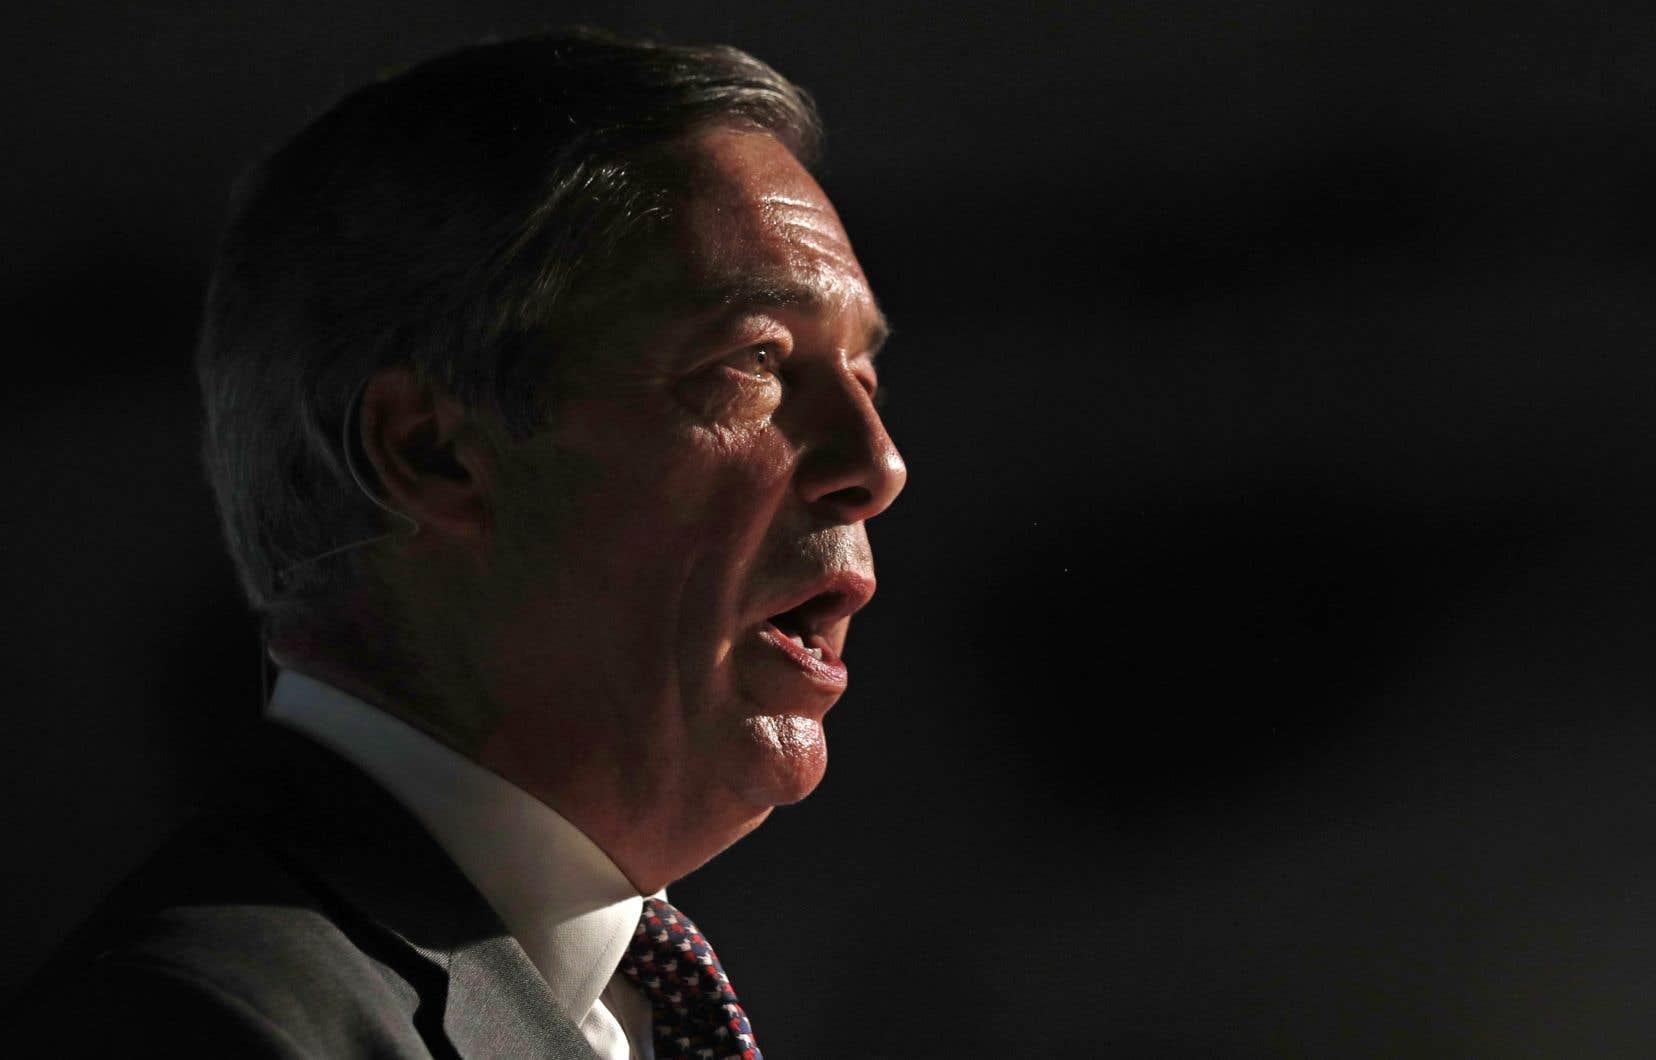 Le parti pro-Brexit et europhobe présidé par Nigel Farage arrive en tête des sondages au Royaume-Uni.